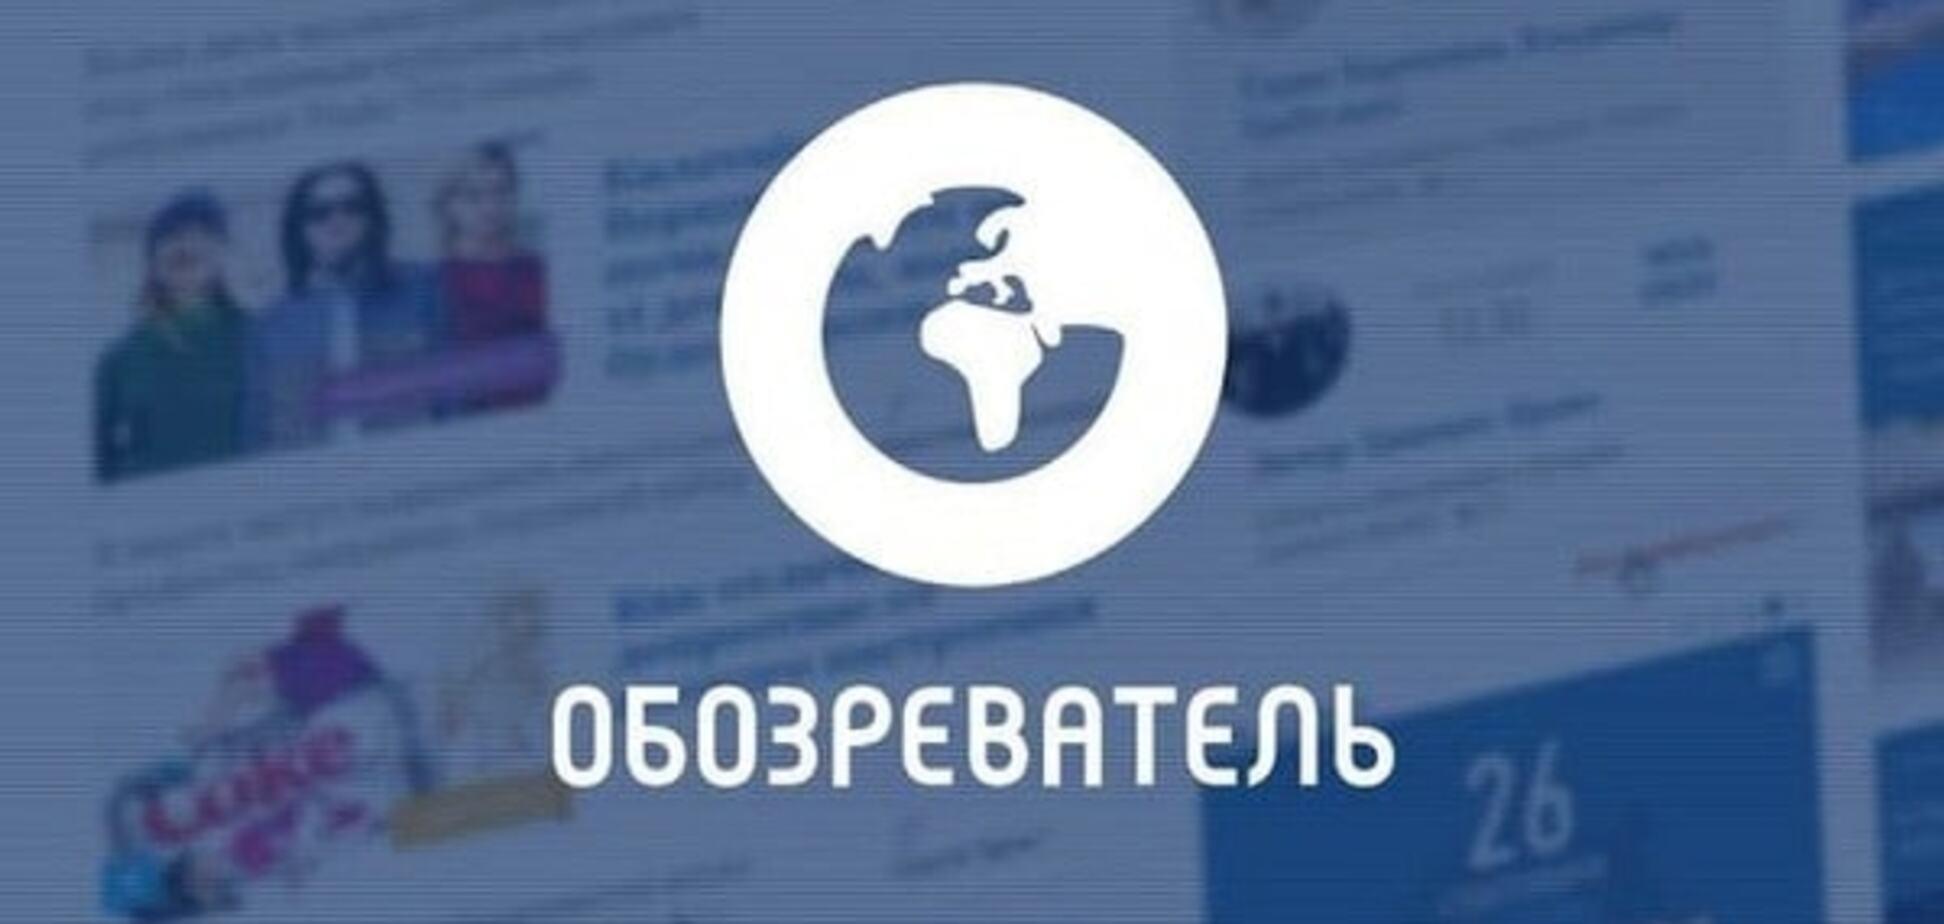 Феномен Олега Винника и группы 'Грибы' = запрет на въезд российских артистов